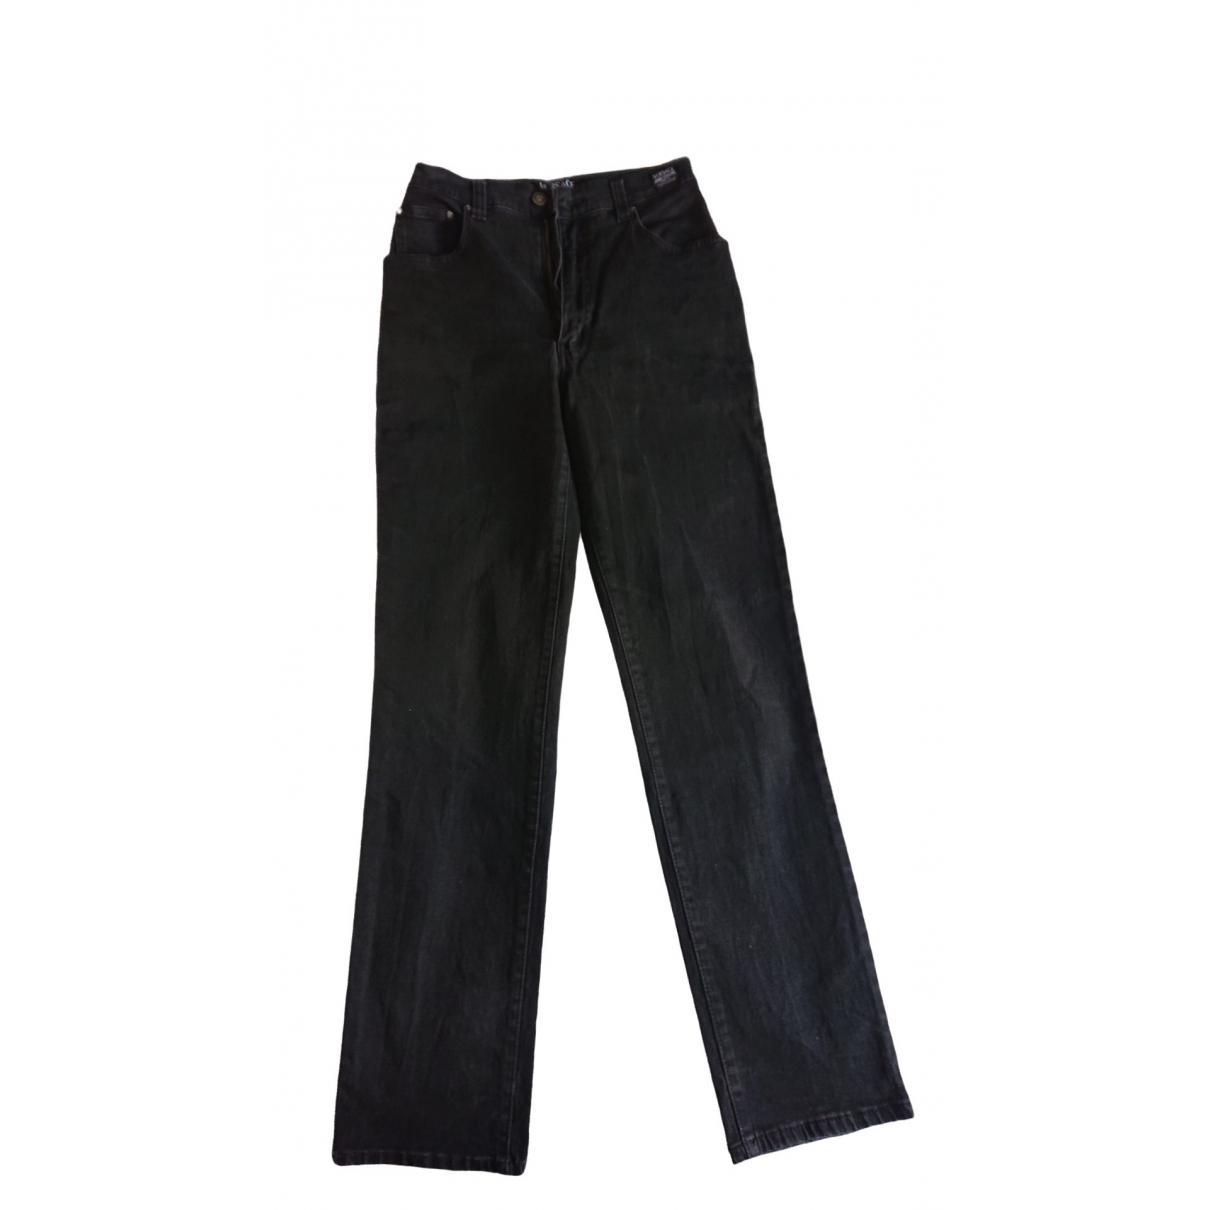 Versace Jeans \N Black Denim - Jeans Trousers for Women 44 IT